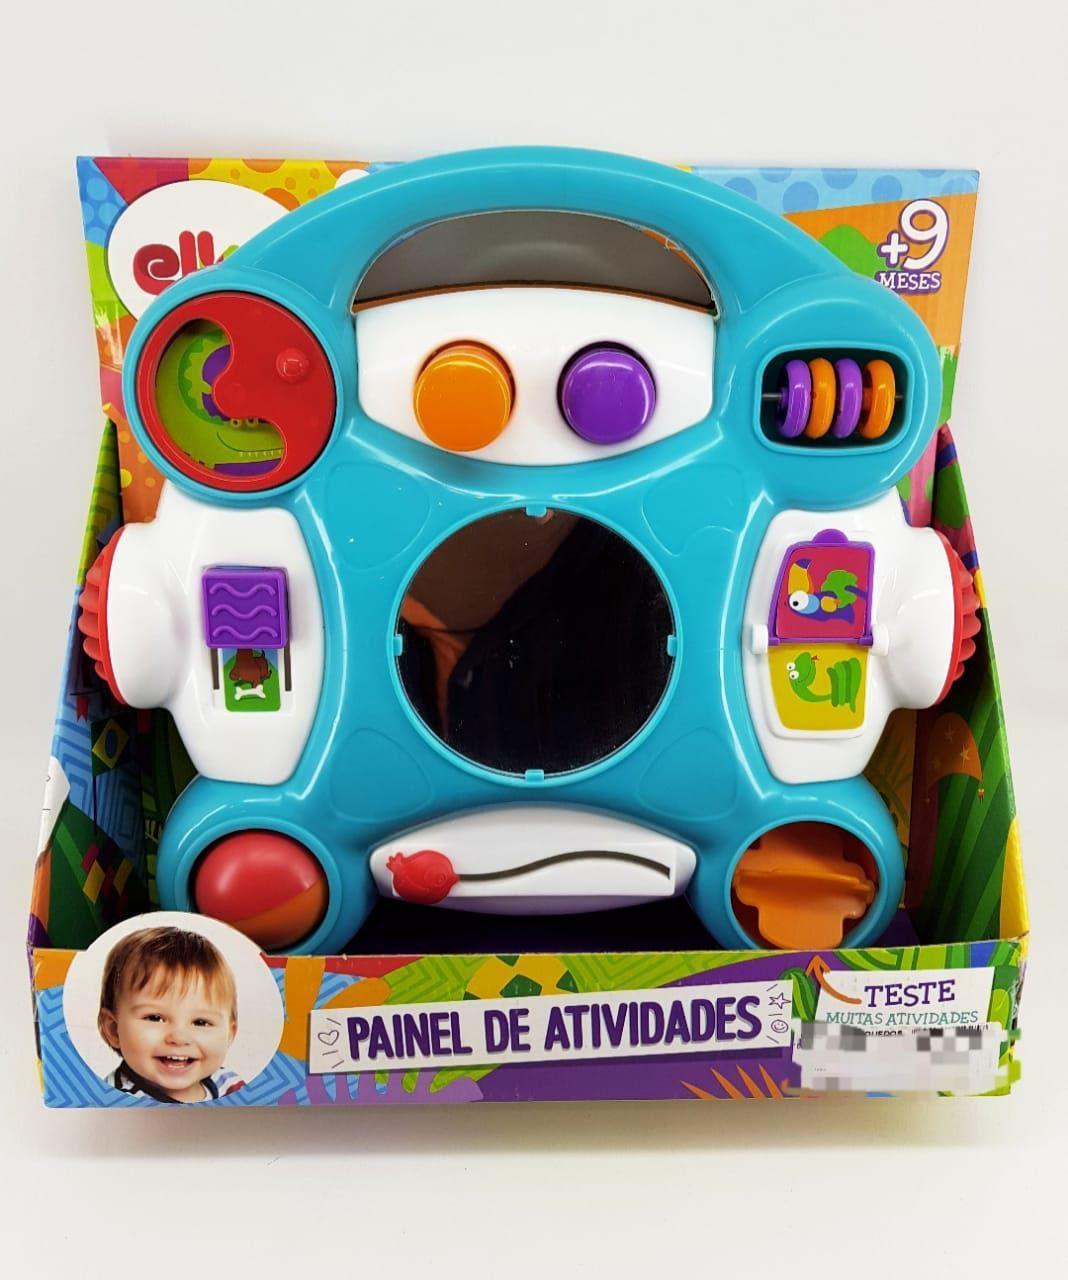 Painel de Atividades Brinquedo Educativo